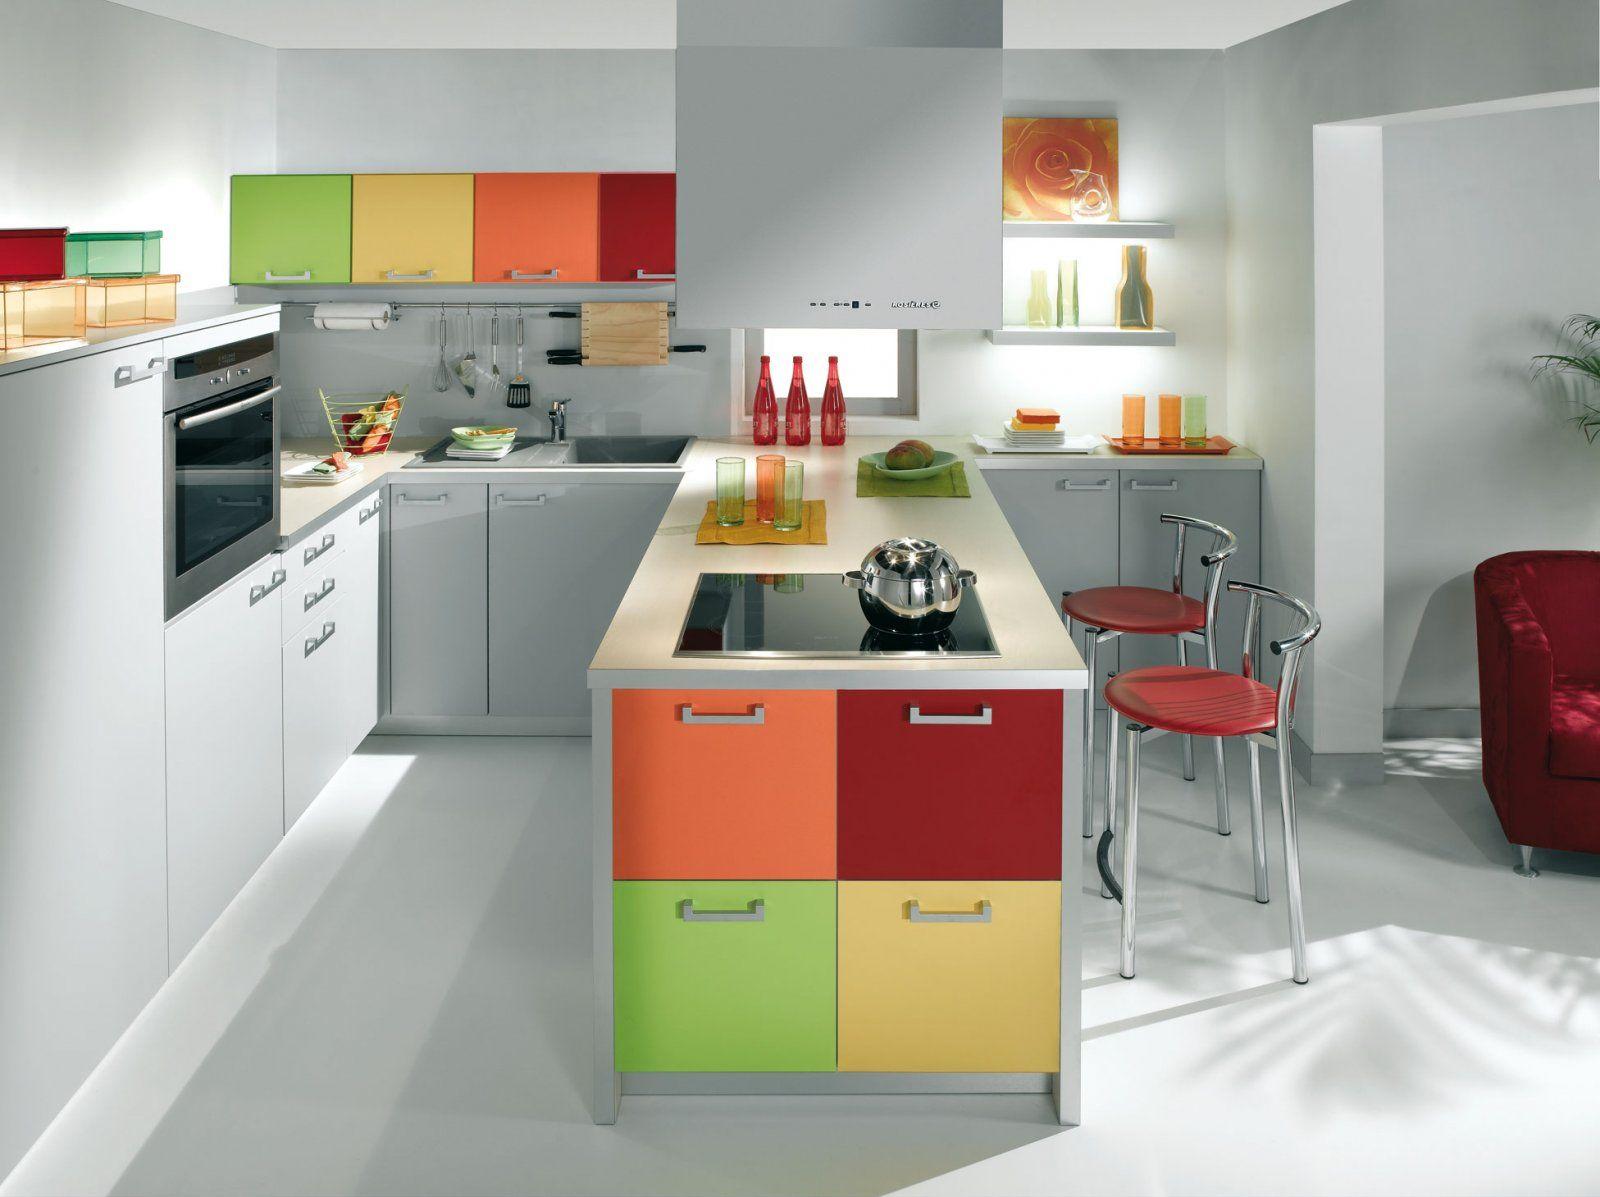 Cocina | Diseño interiores | Pinterest | Cocinas coloridas ...